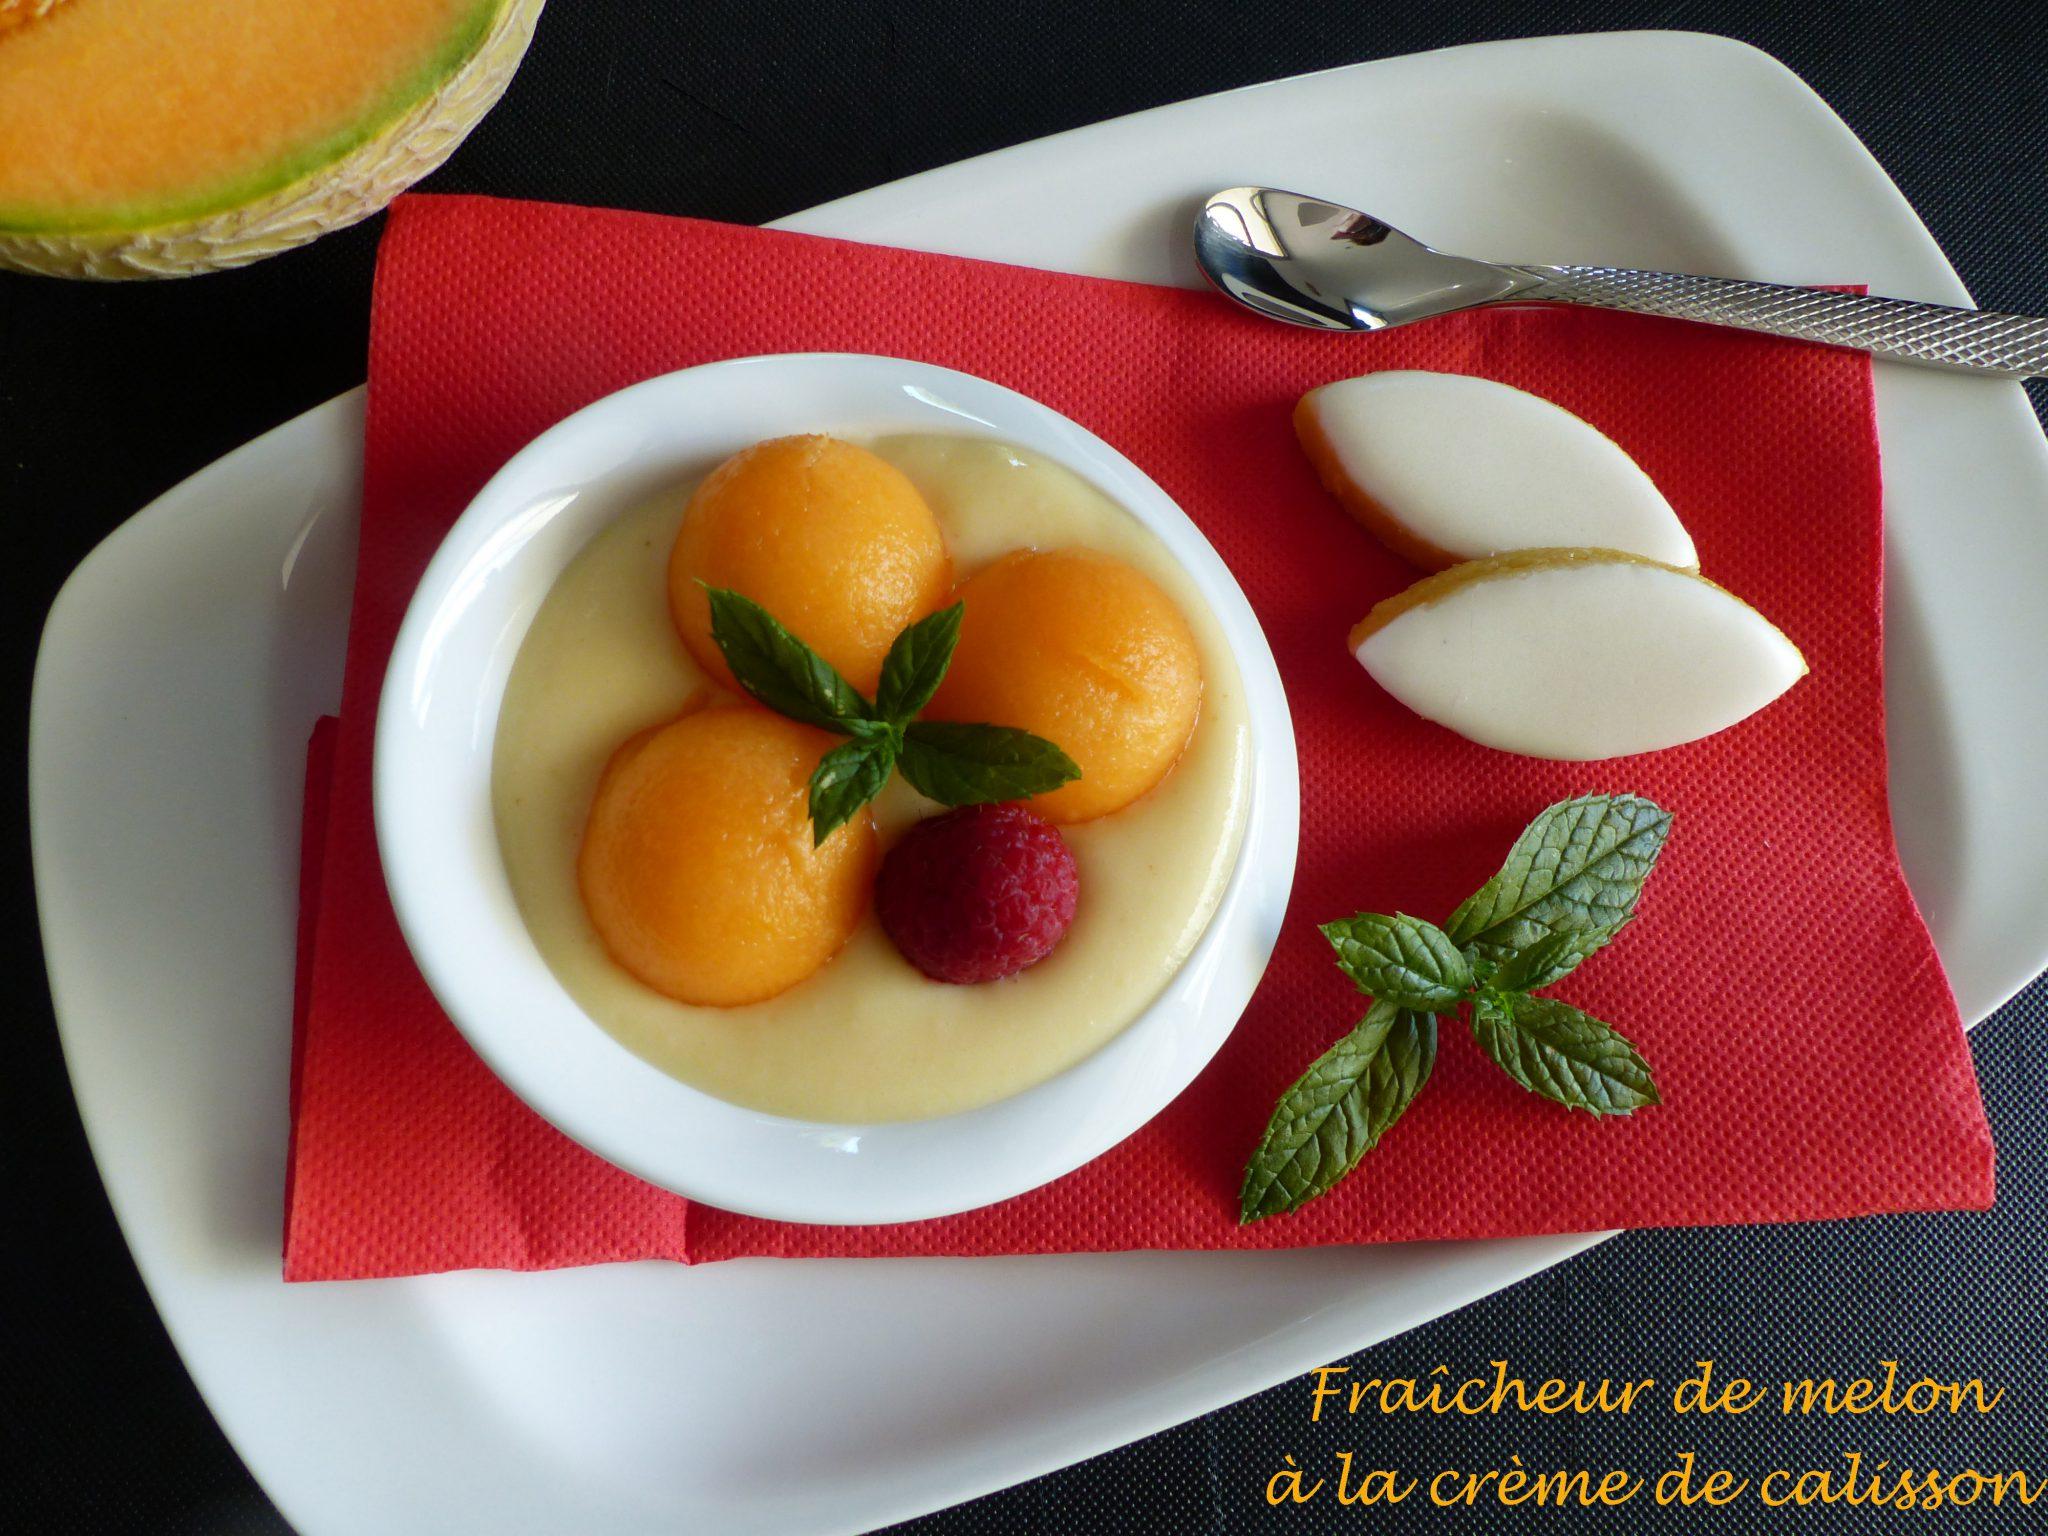 Fraîcheur de melon à la crème de calisson P1120074 R